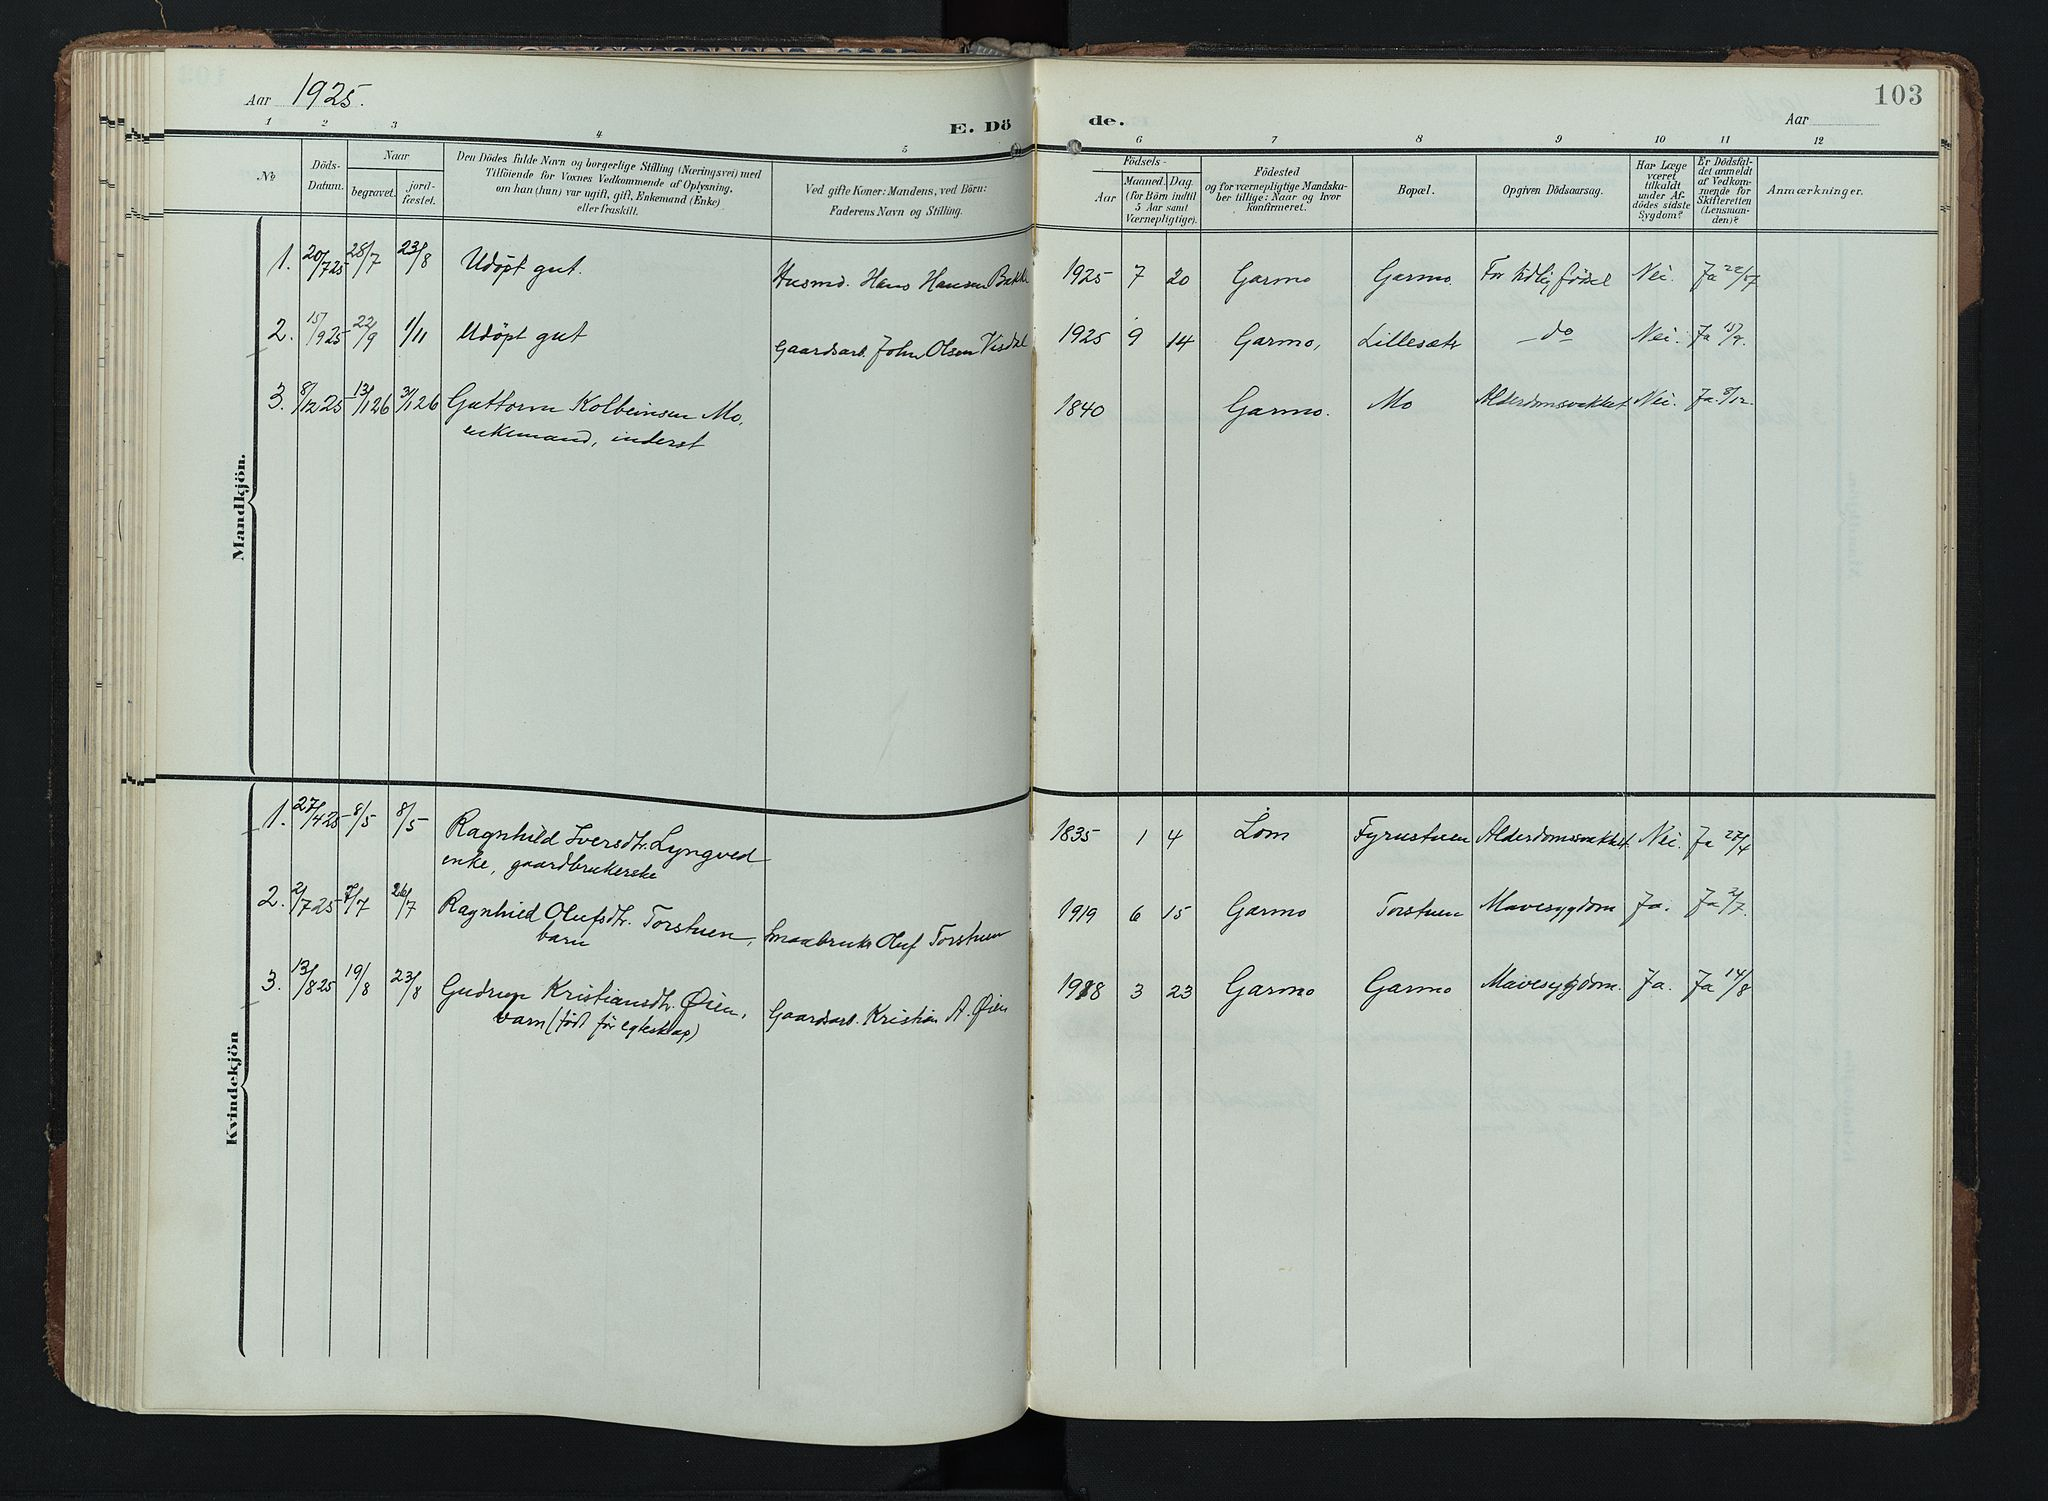 SAH, Lom prestekontor, K/L0011: Ministerialbok nr. 11, 1904-1928, s. 103